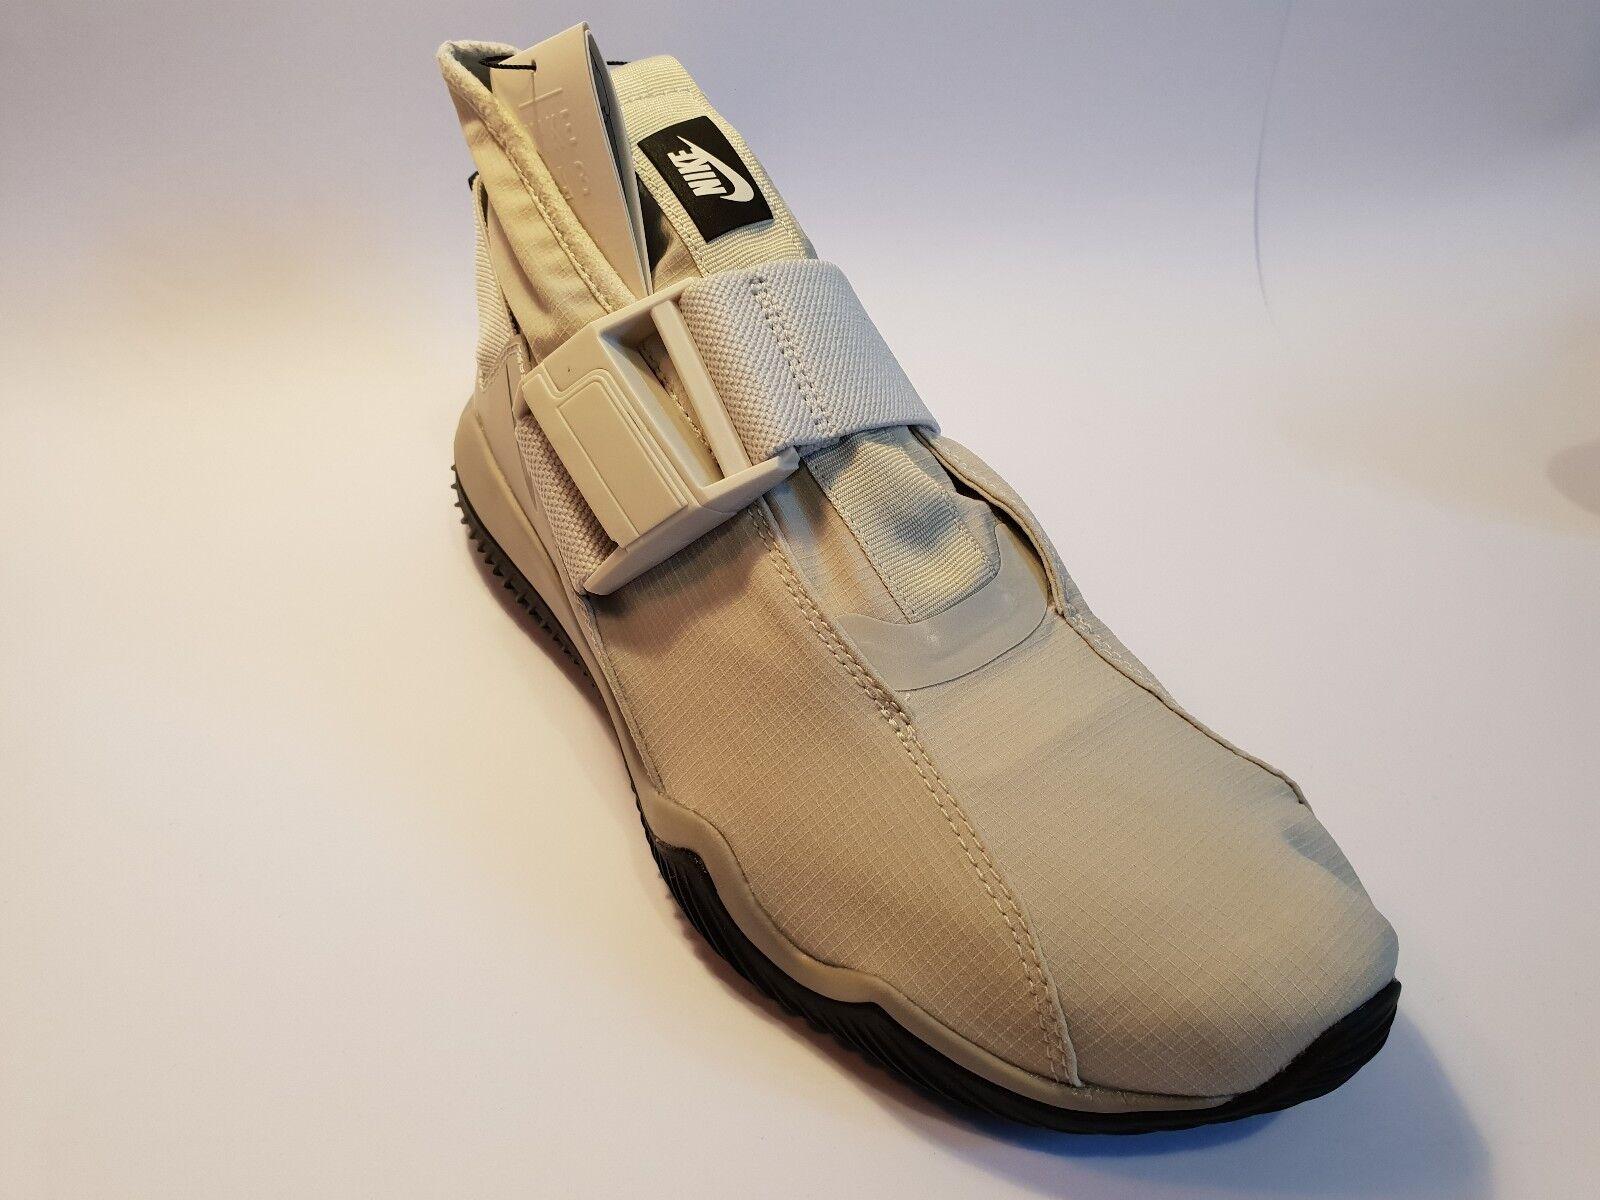 Nike Lab KMTR komyuter PRM Luz Hueso 9.5 Negro 921664-002 Reino Unido 9.5 Hueso bc9c68